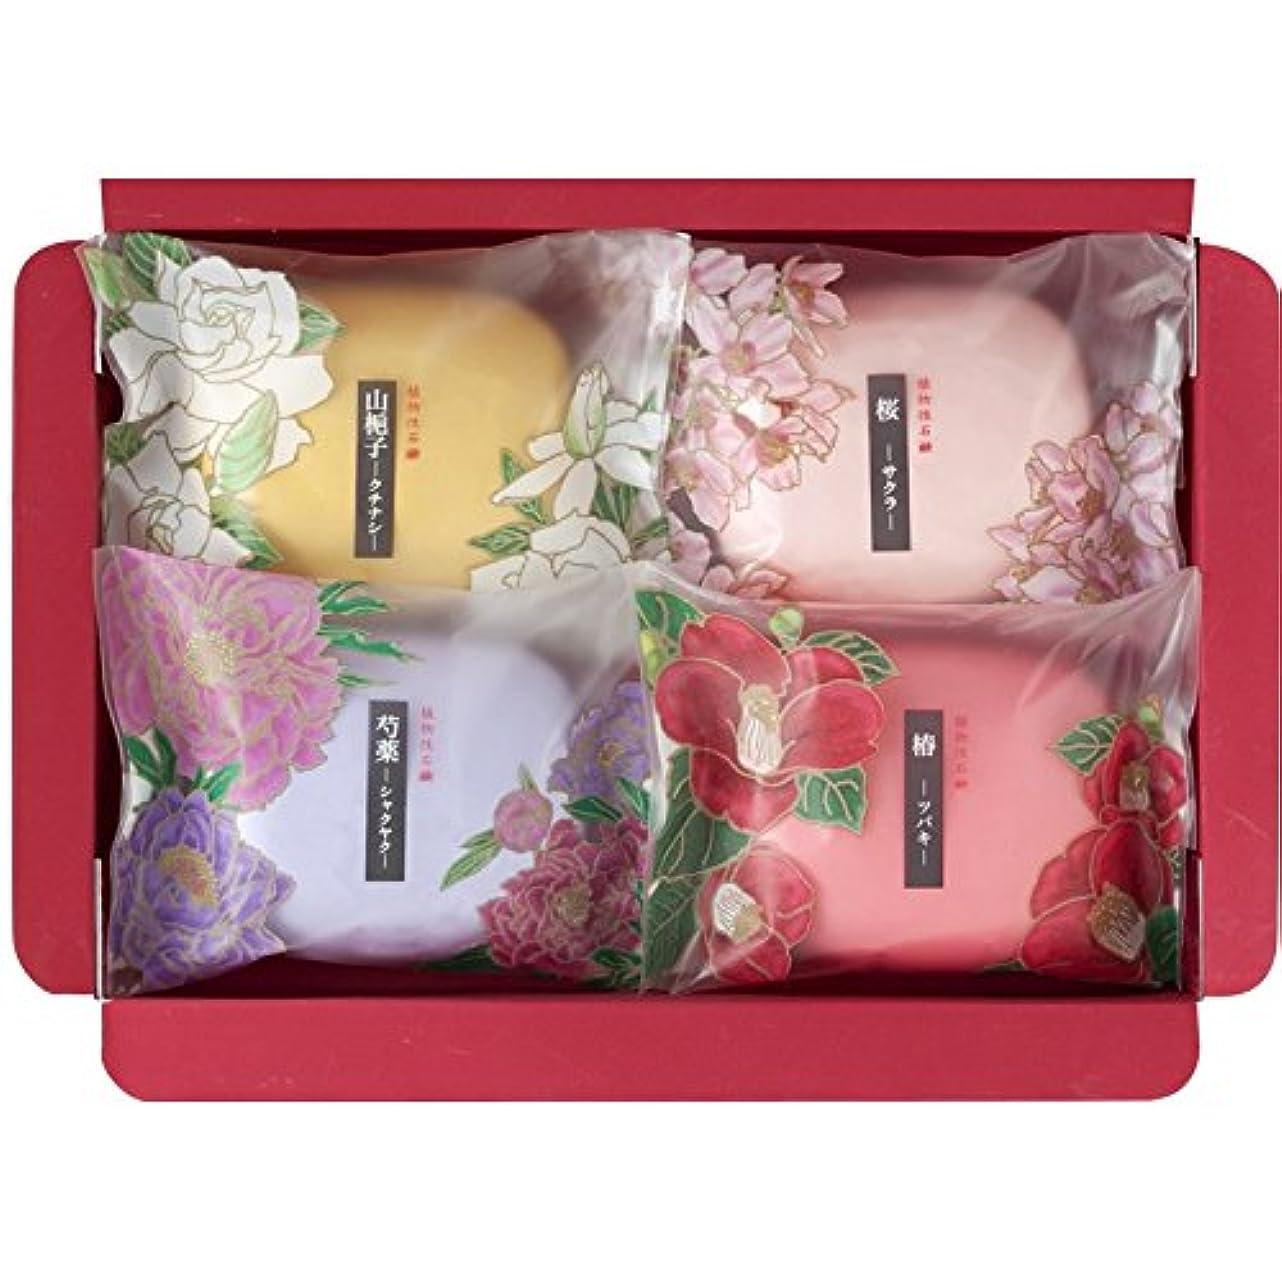 つぶす近く恋人彩花だより SAK-05 【石けん 石鹸 うるおい いい香り 固形 詰め合わせ セット 良い香り 美容 個包装 肌に優しい 日本製】